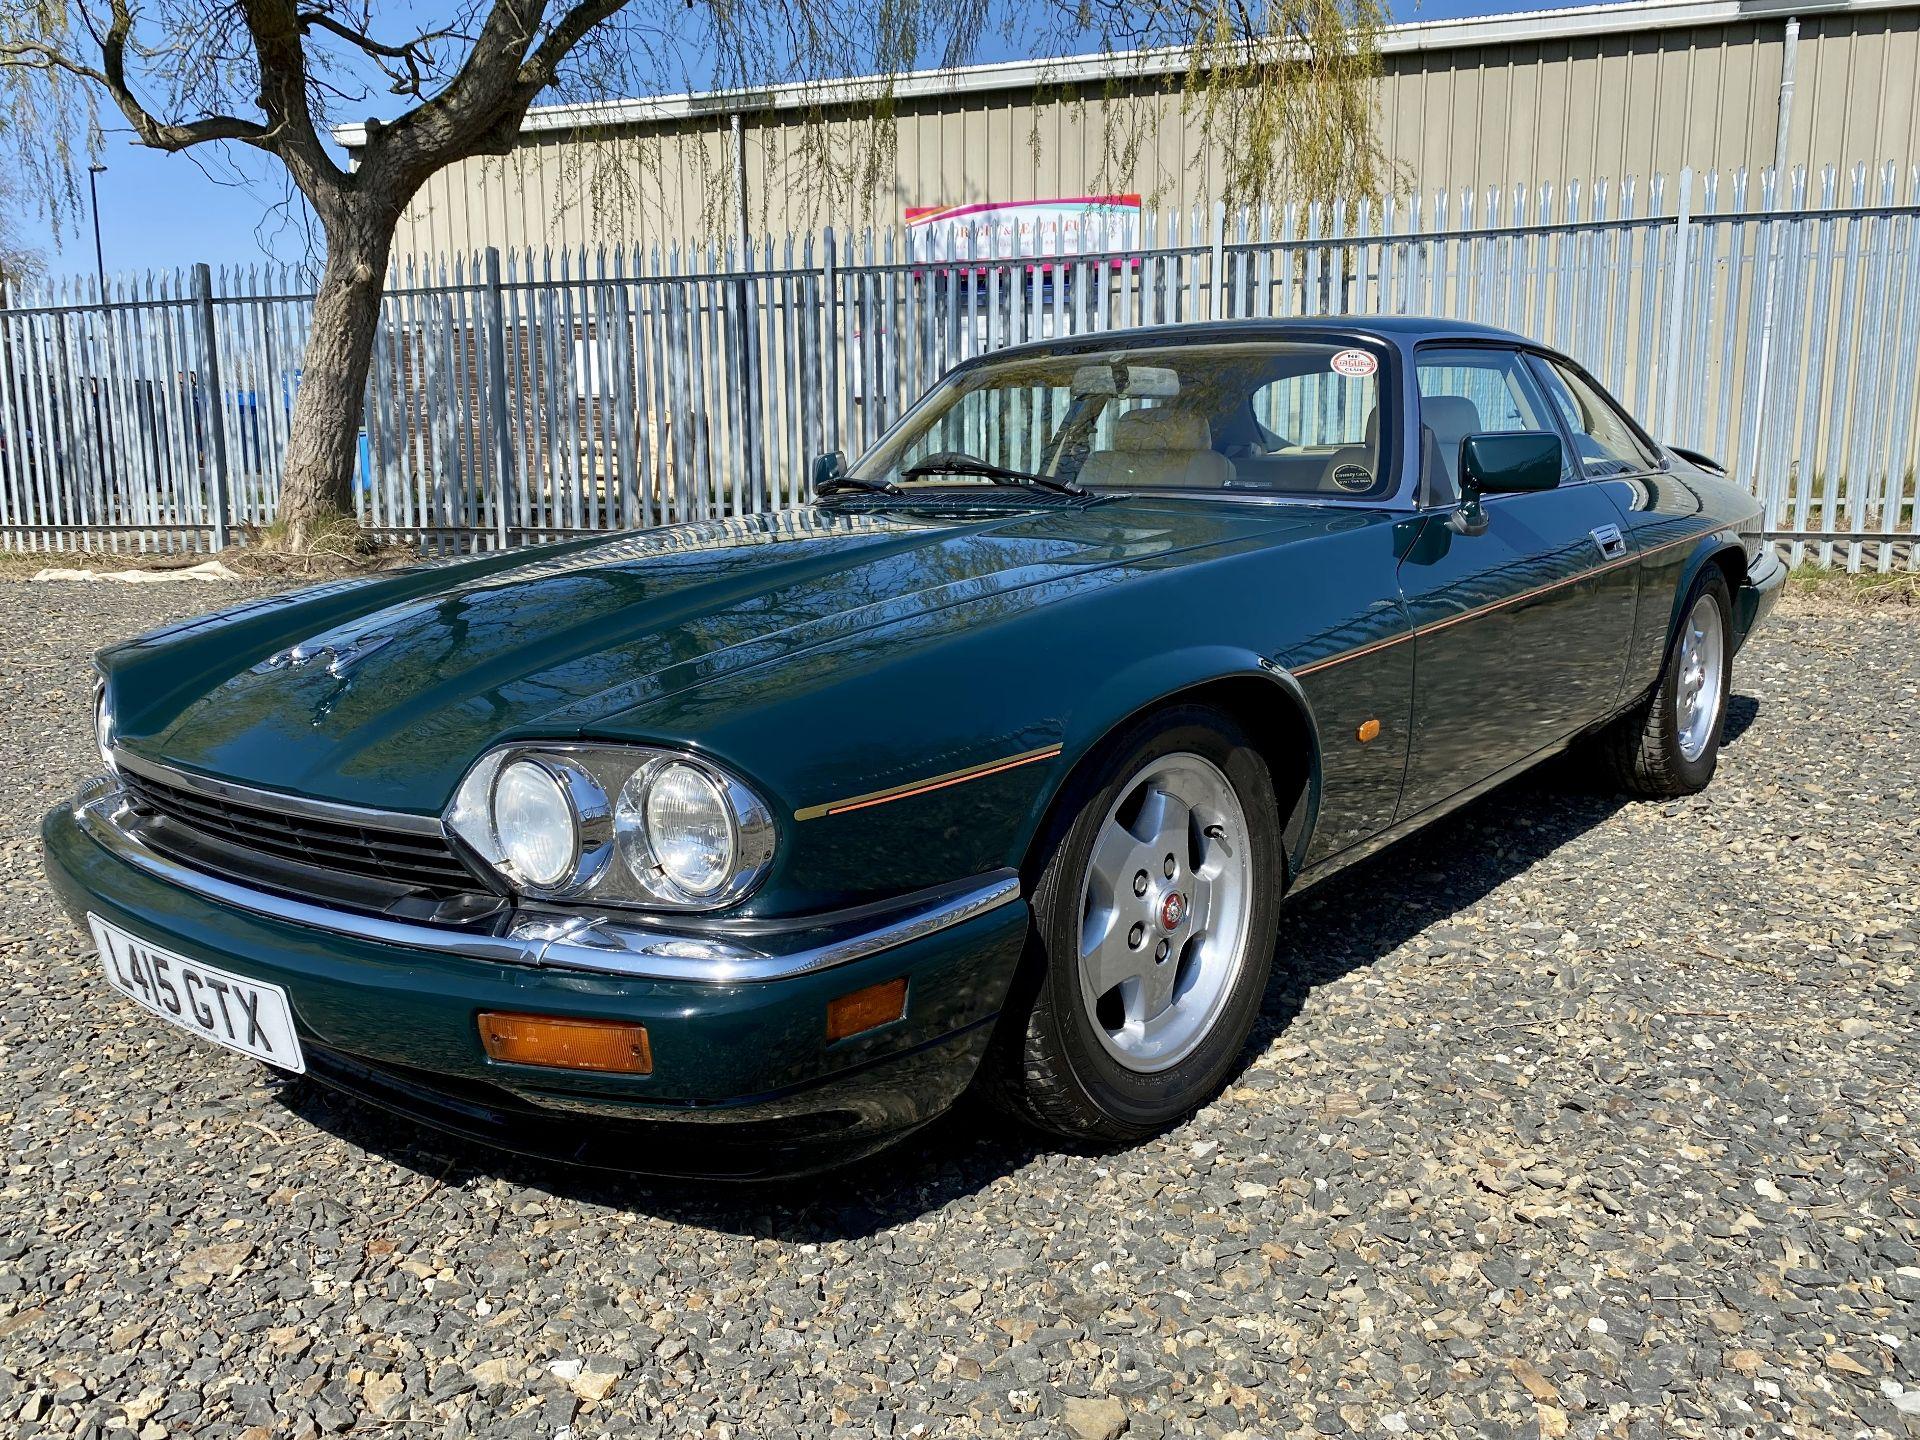 Jaguar XJS coupe - Image 18 of 64